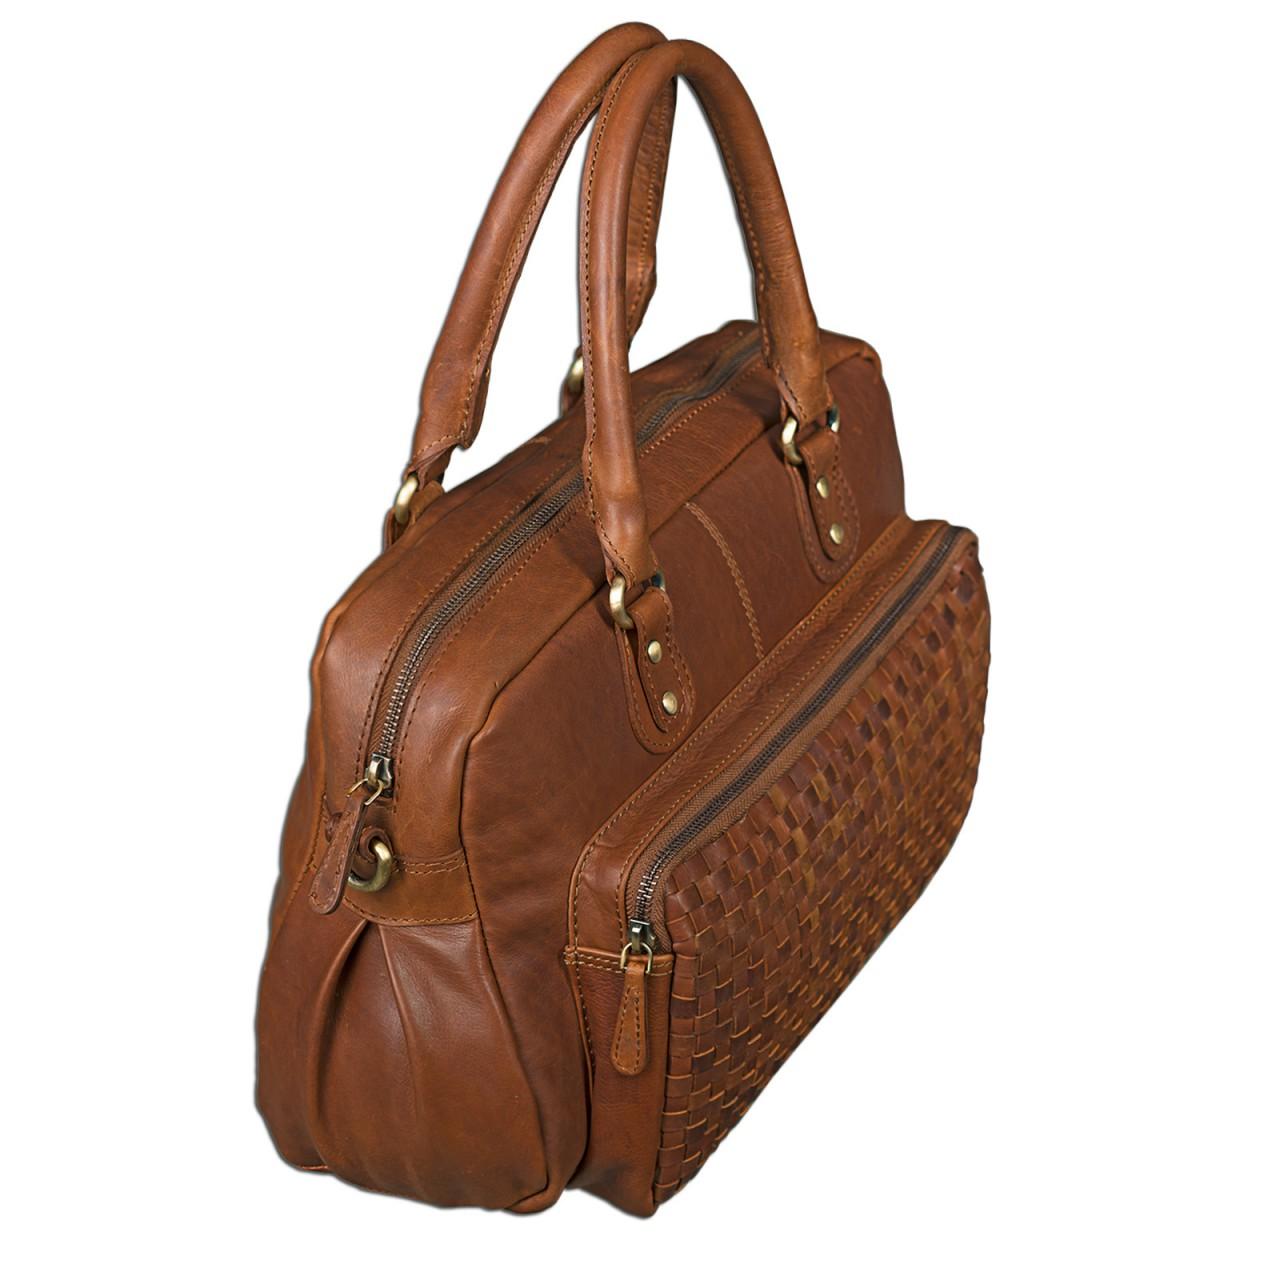 """STILORD """"Elena"""" Vintage Handtasche Damen Umhängetasche geflochten elegante Ledertasche Shopping Ausgehen weiches Leder - Bild 5"""